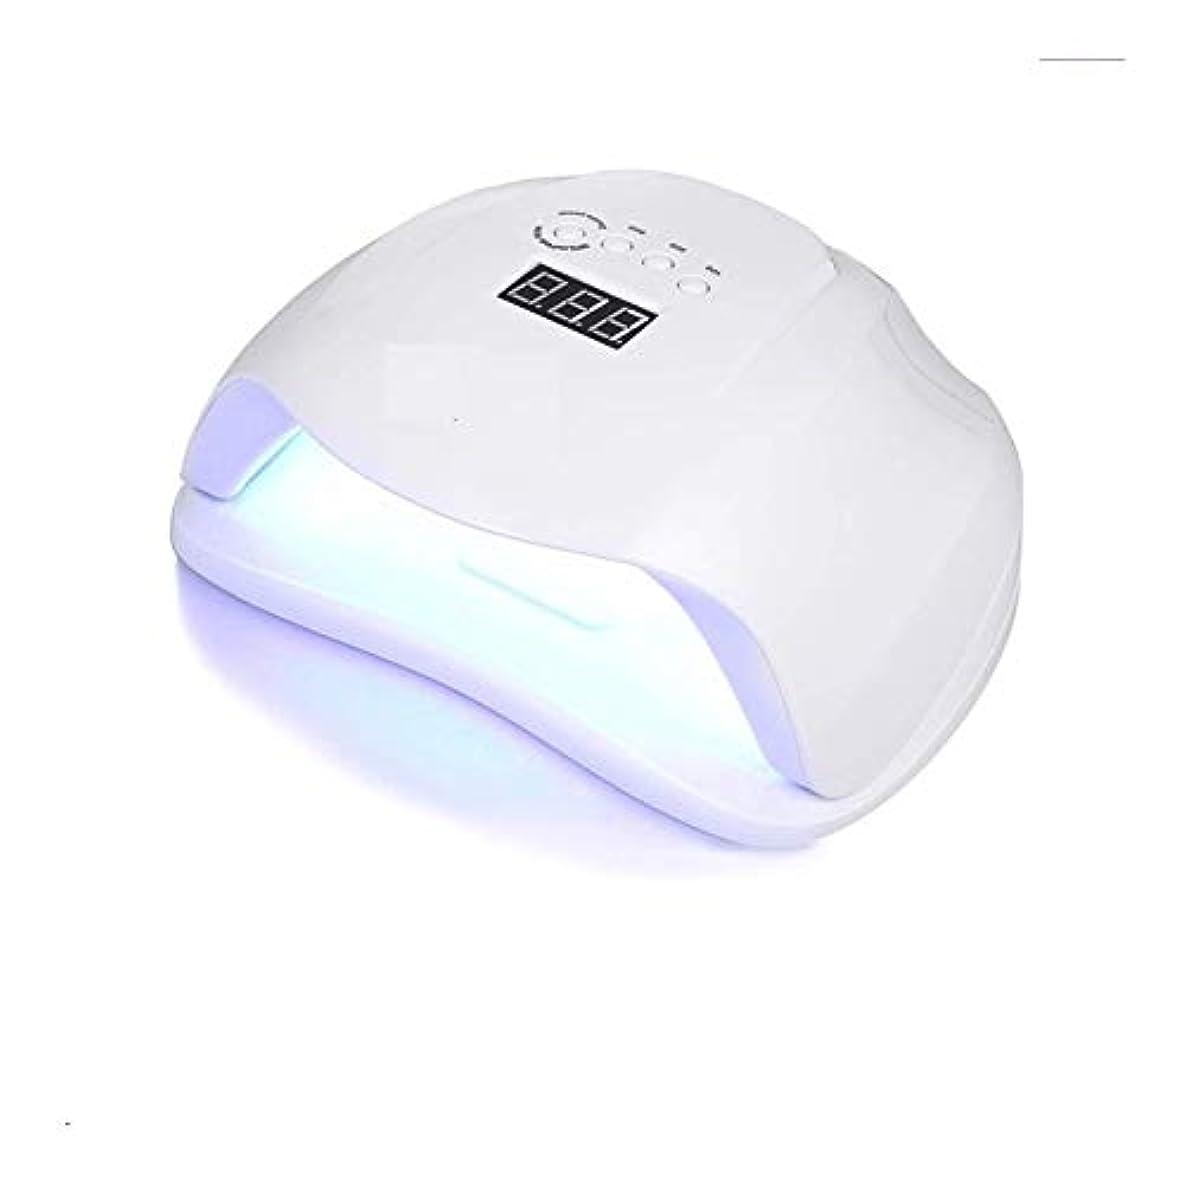 相互米ドル潤滑するLittleCat UV誘導機械知能主導54W UVランプネイルヒートランプツールネイル (色 : American standard flat plug)